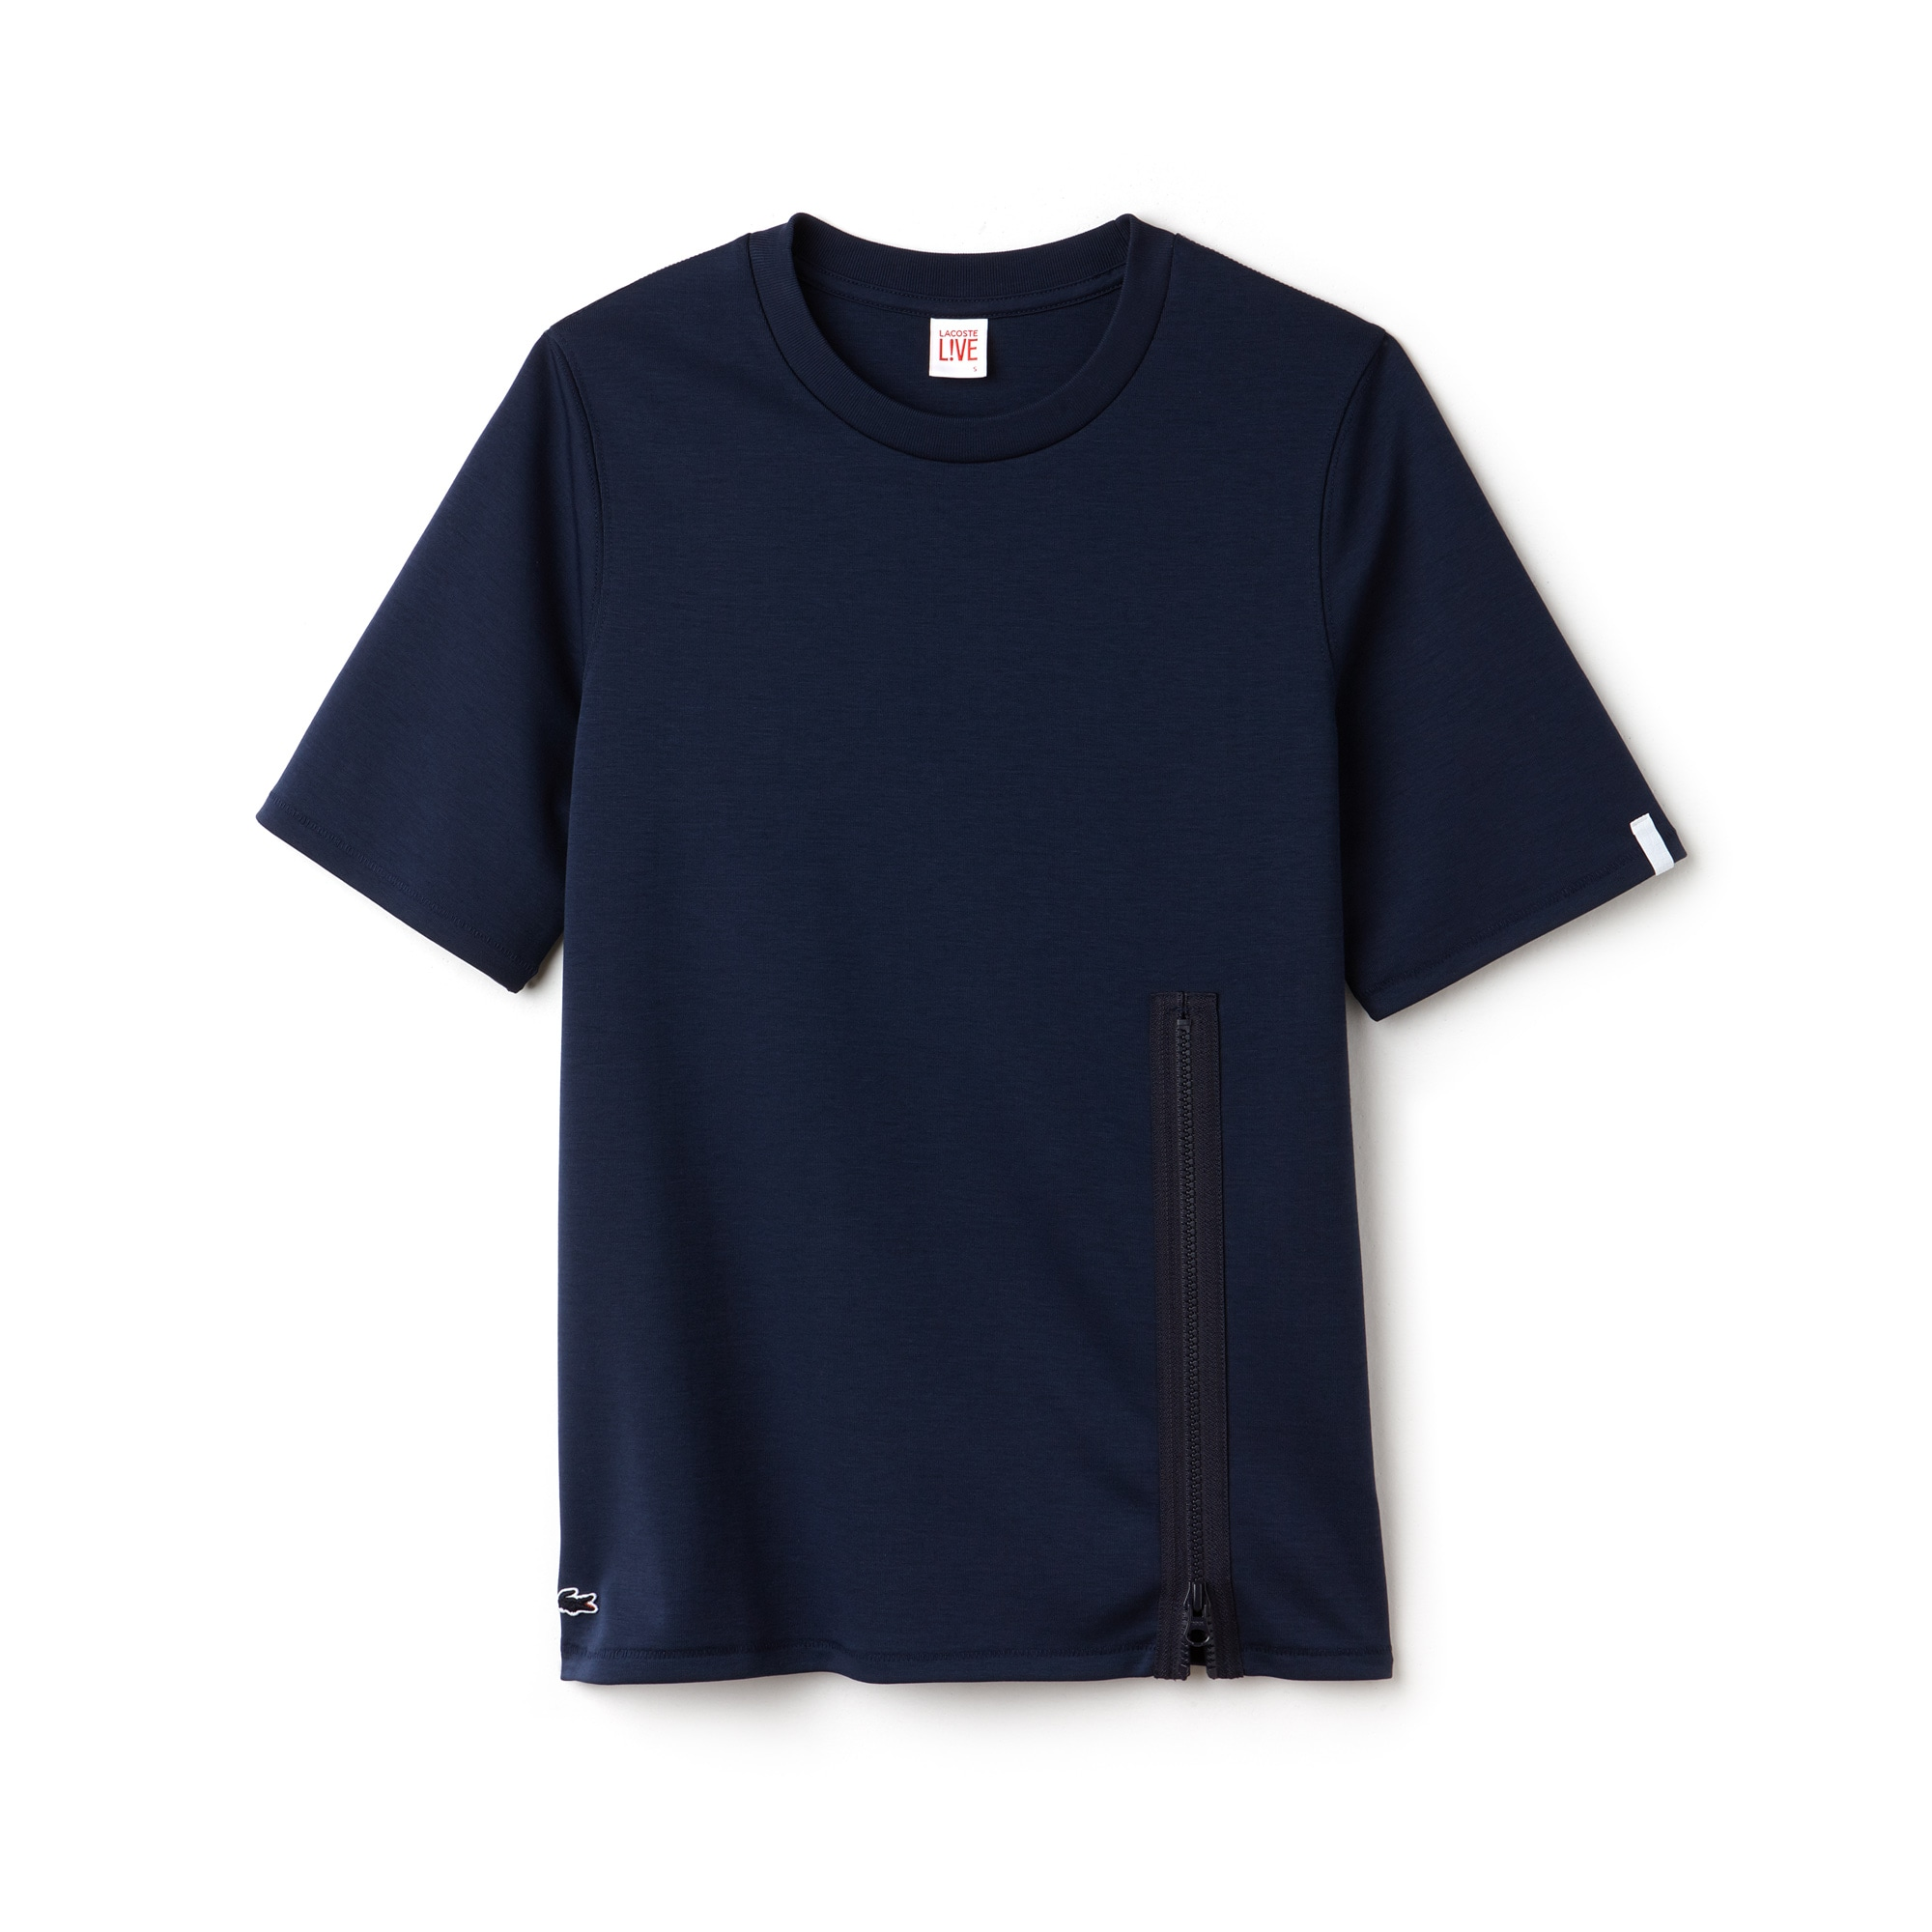 Damen-Rundhals-T-Shirt aus Jersey mit Reißverschluss LACOSTE L!VE